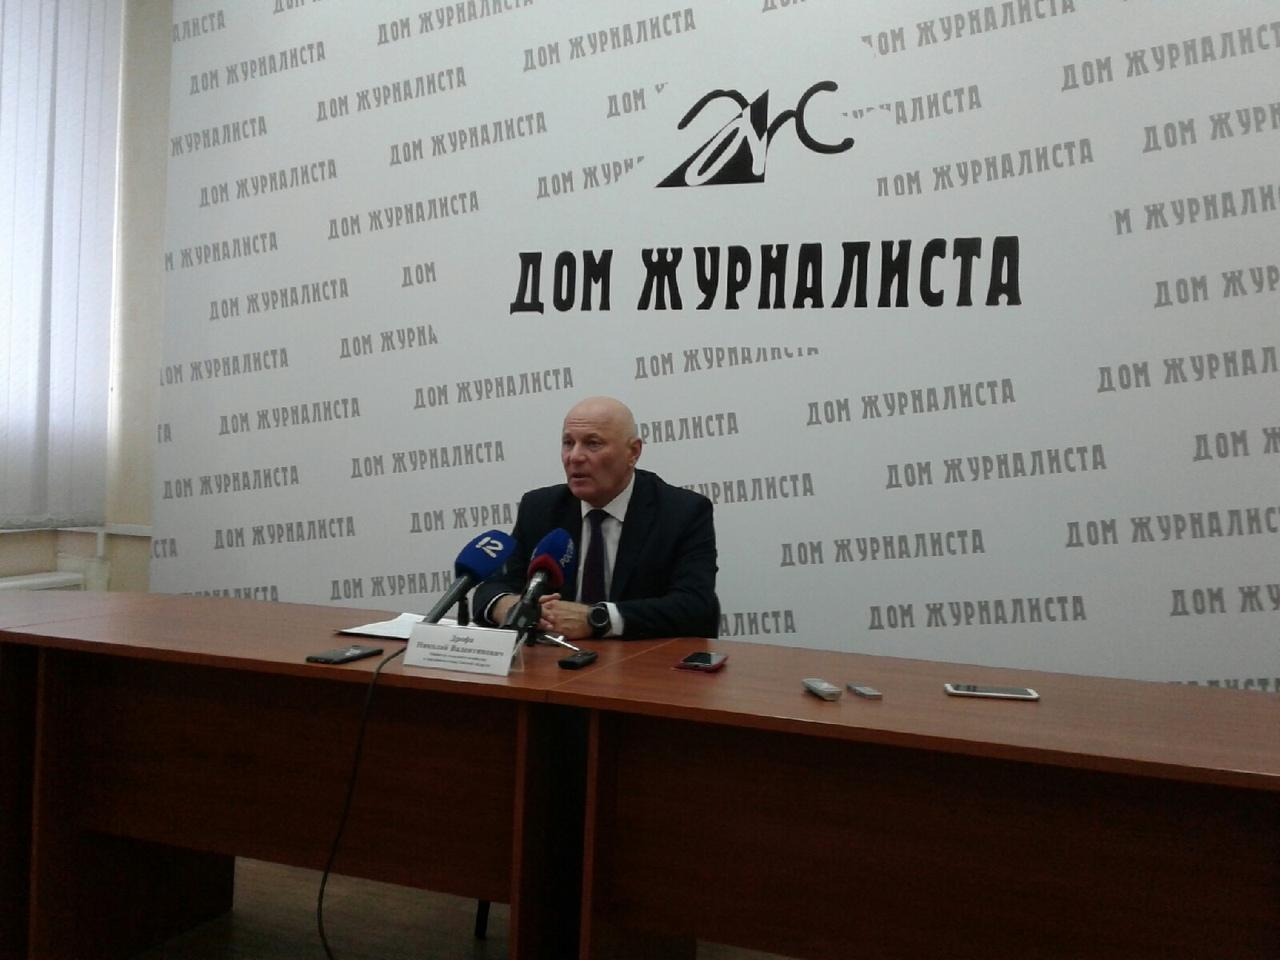 Омское зерно уходит в Казахстан